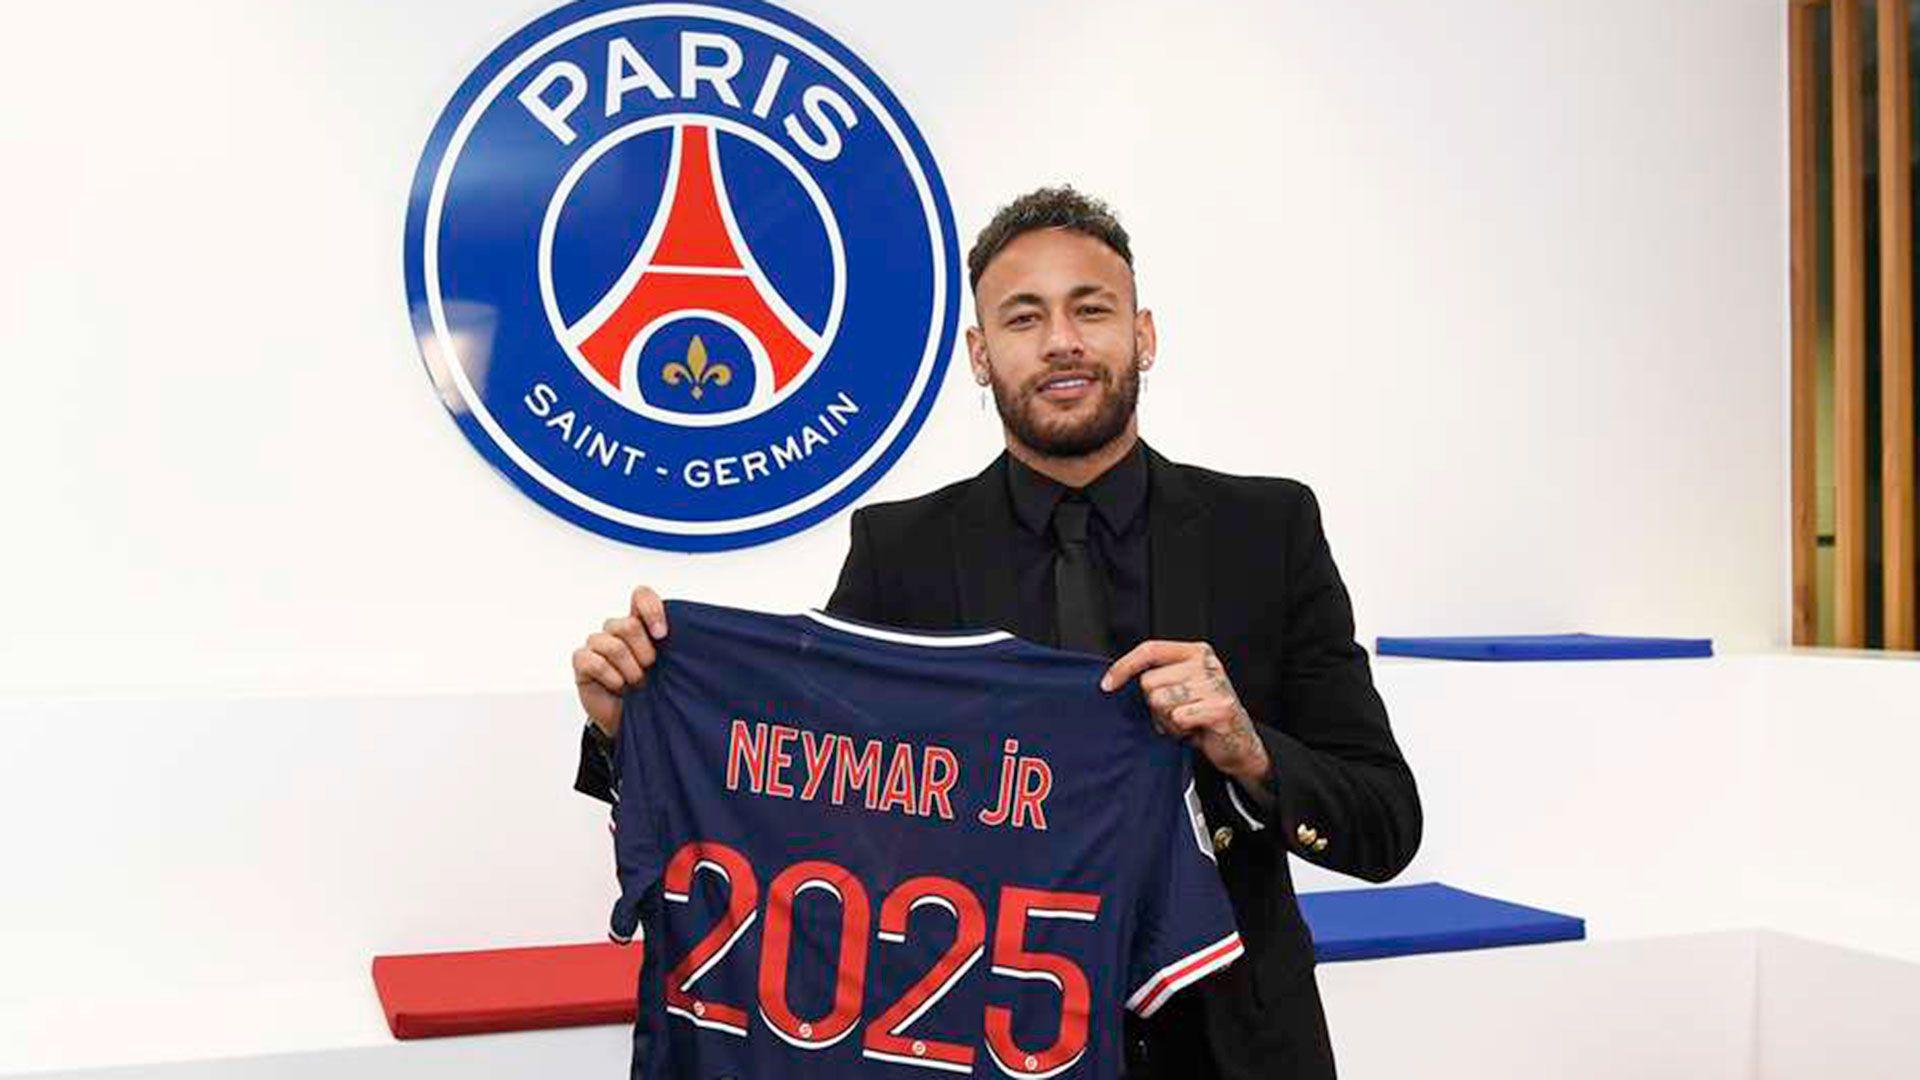 neymar-camiseta-PSG-2025